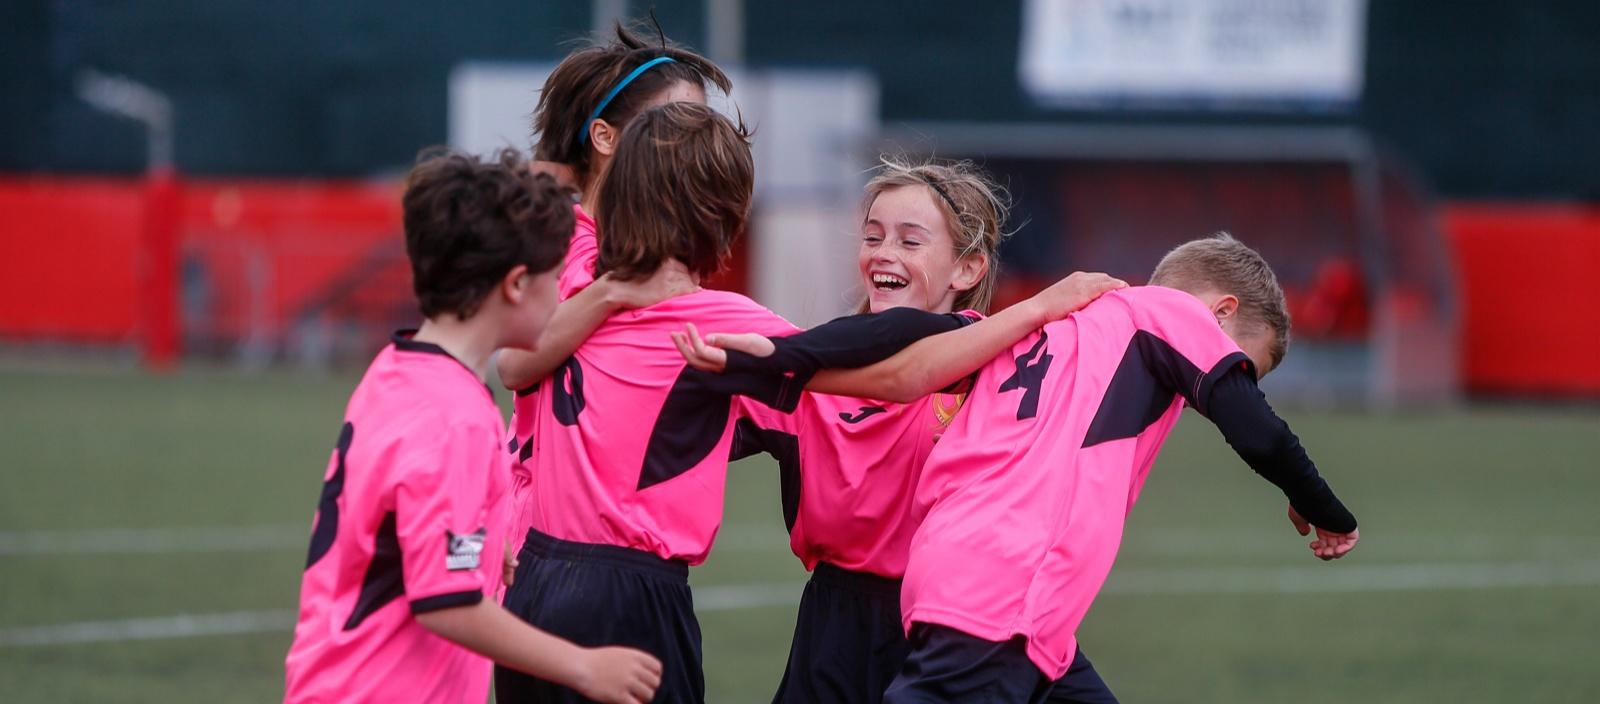 S'obre la inscripció dels equips de futbol per la temporada 2021-2022